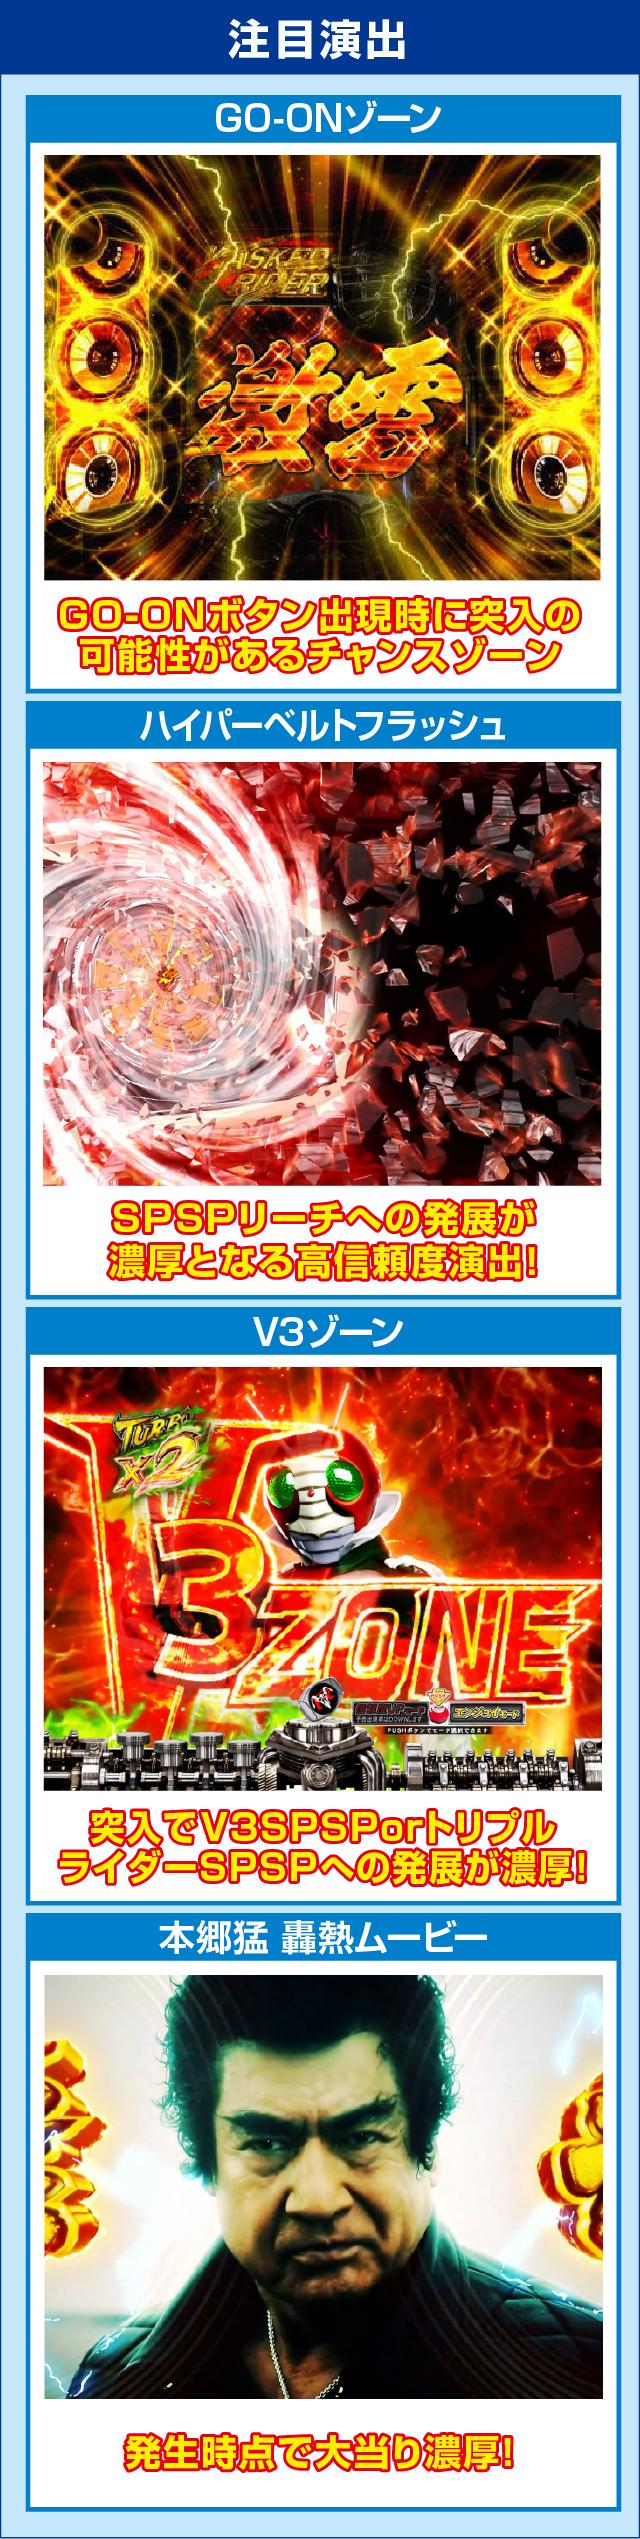 ぱちんこ 仮面ライダー 轟音のピックアップポイント